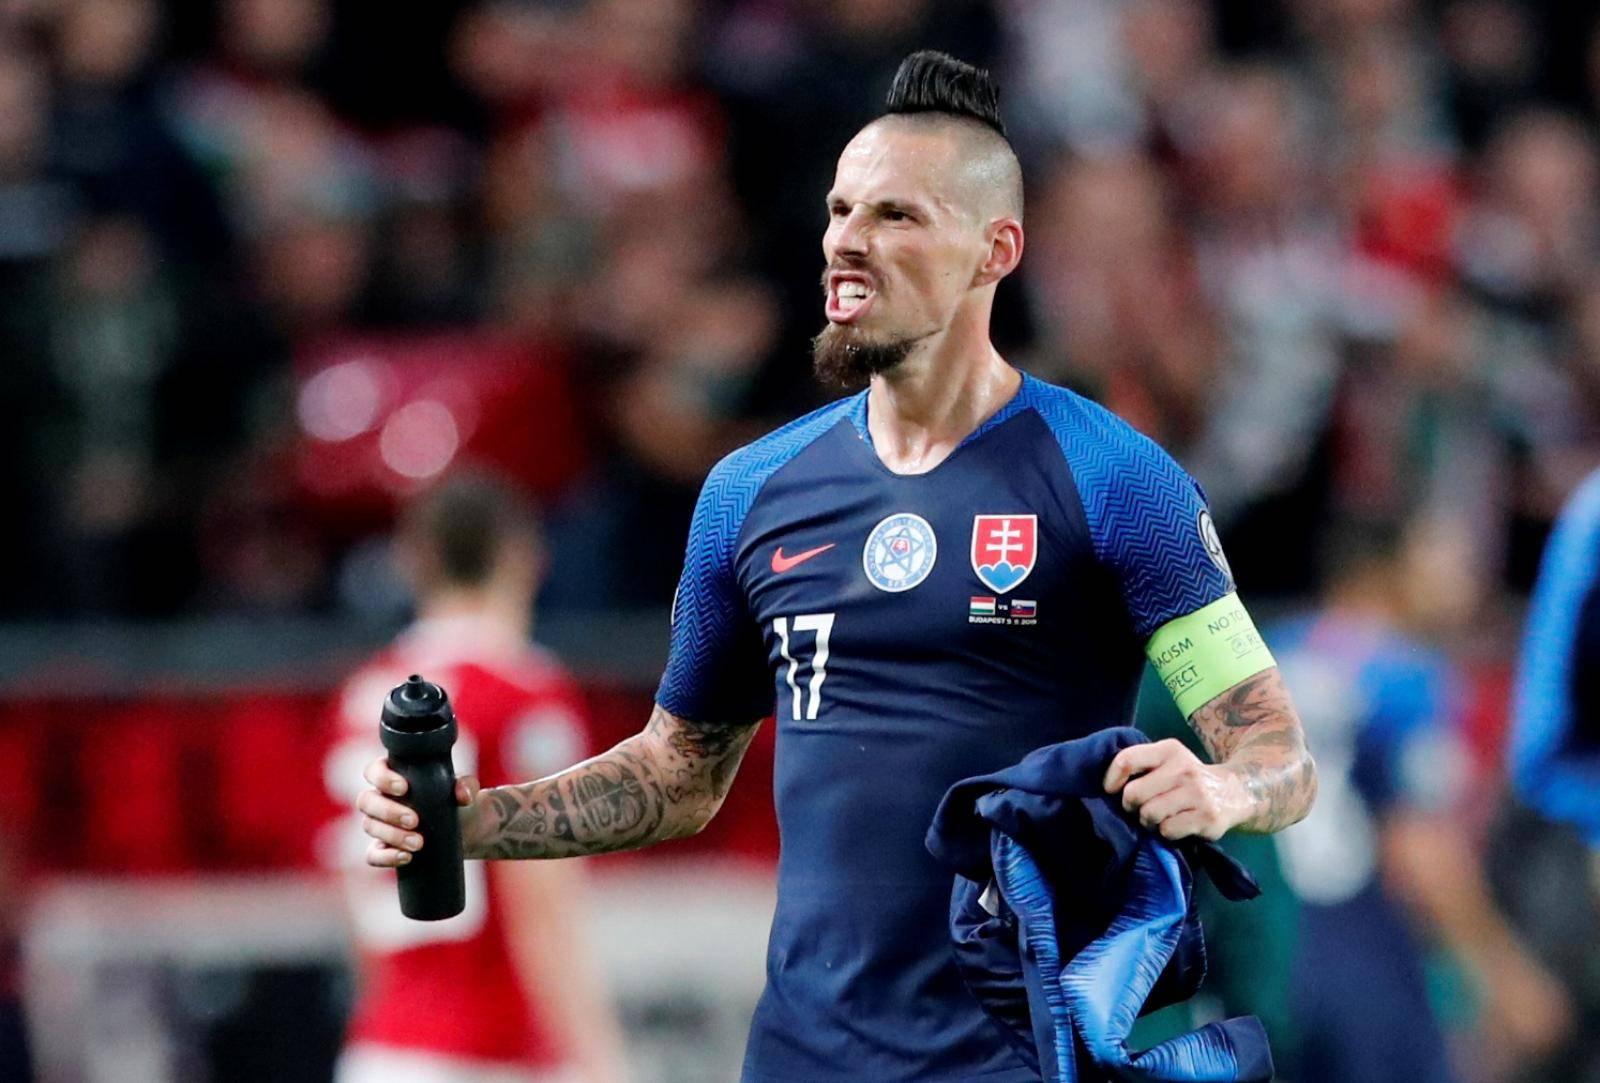 Euro 2020 Qualifier - Group E - Hungary v Slovakia